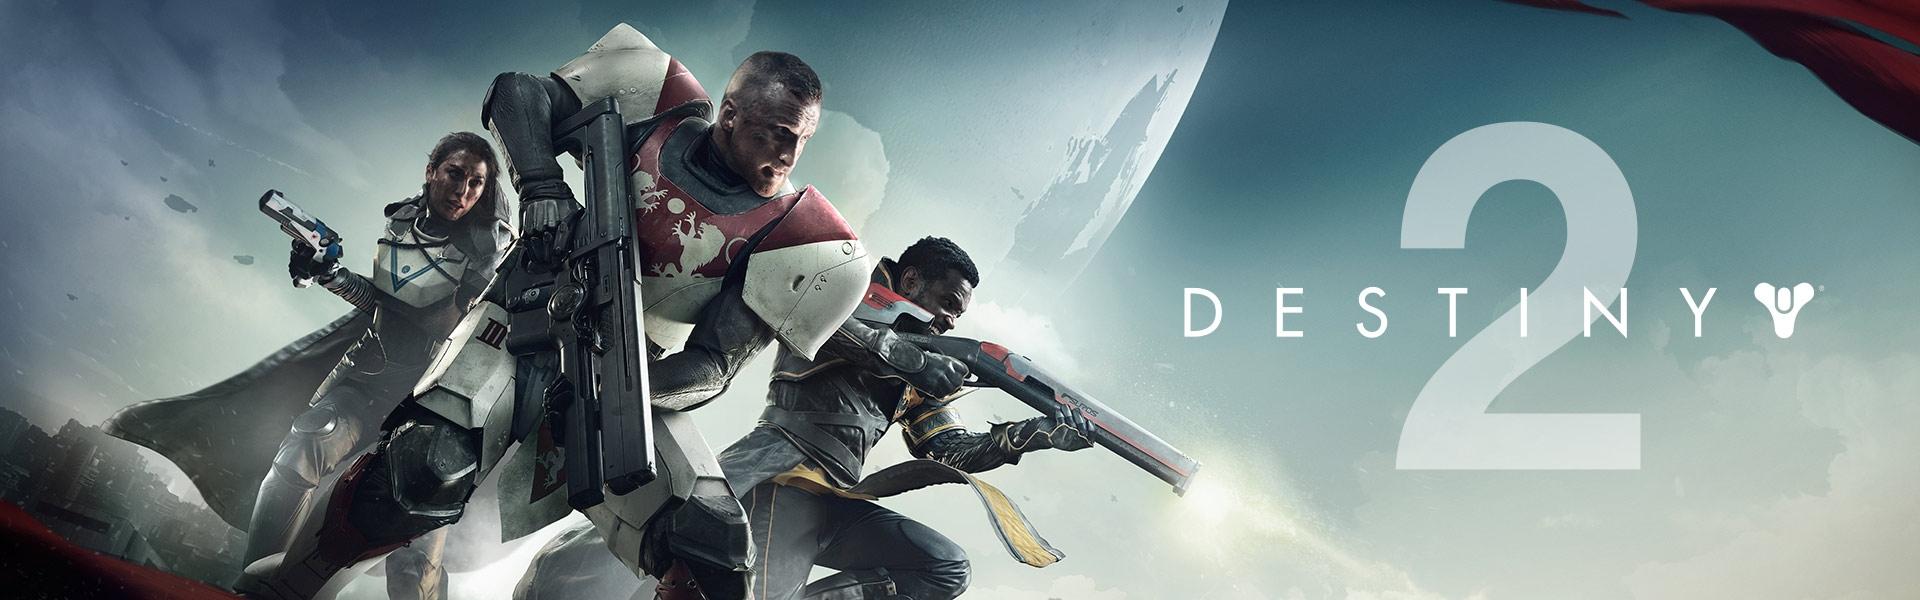 Bungie Responds to Destiny 2 Beta Feedback